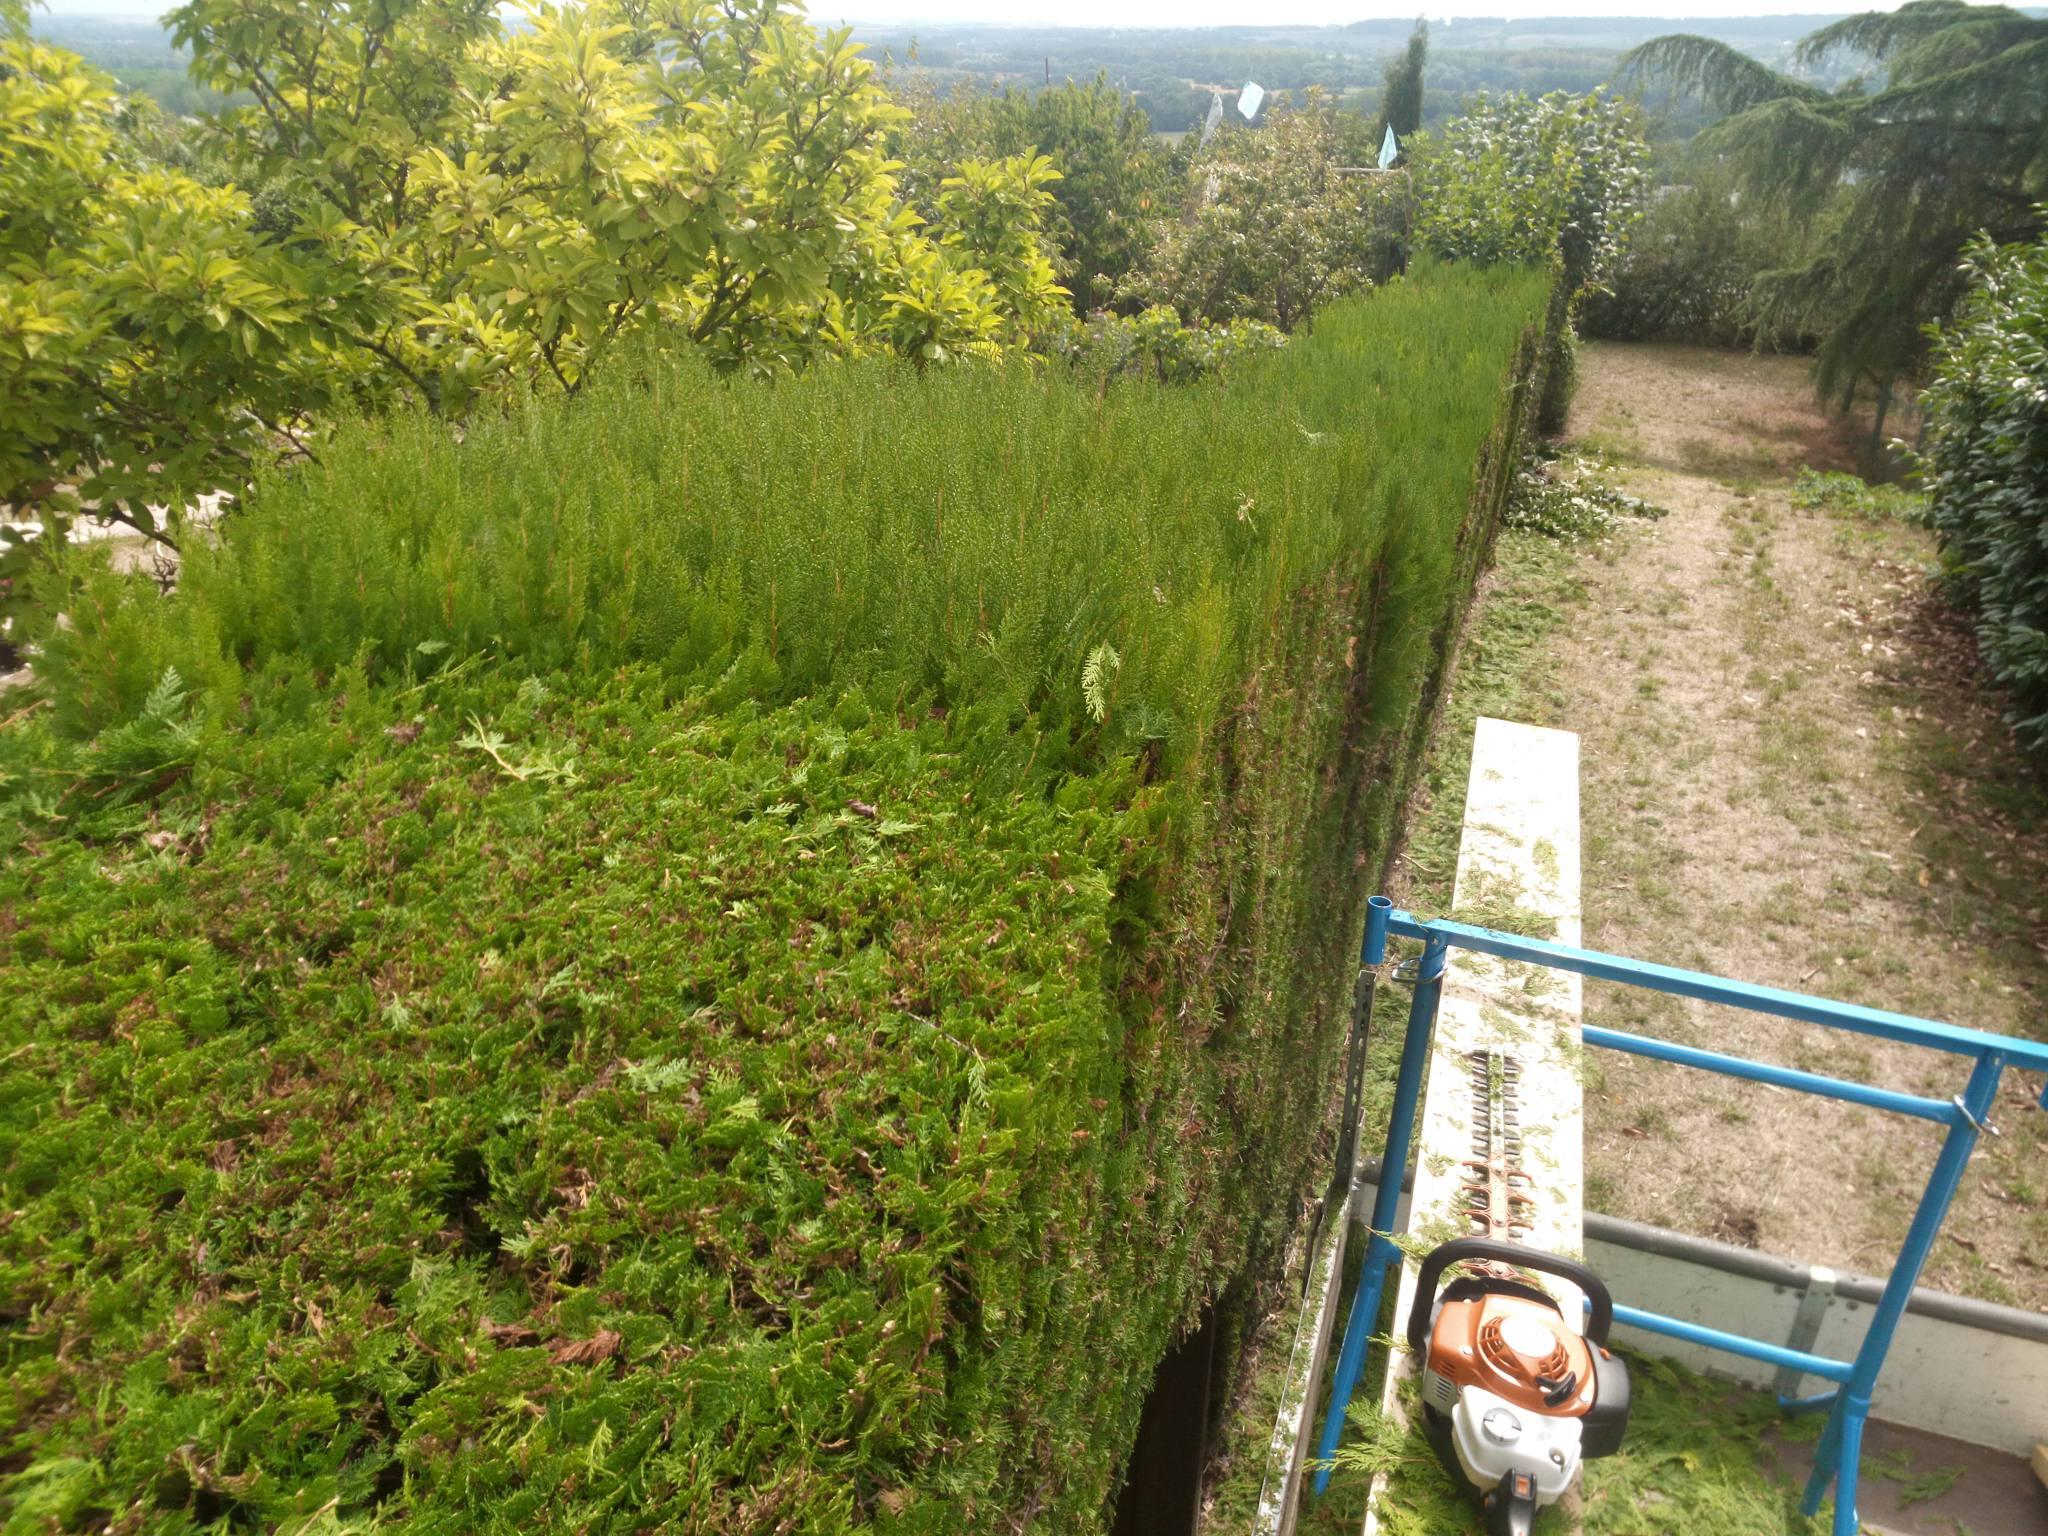 Paysagiste Indre Et Loire création d'espaces verts - création d'espaces verts